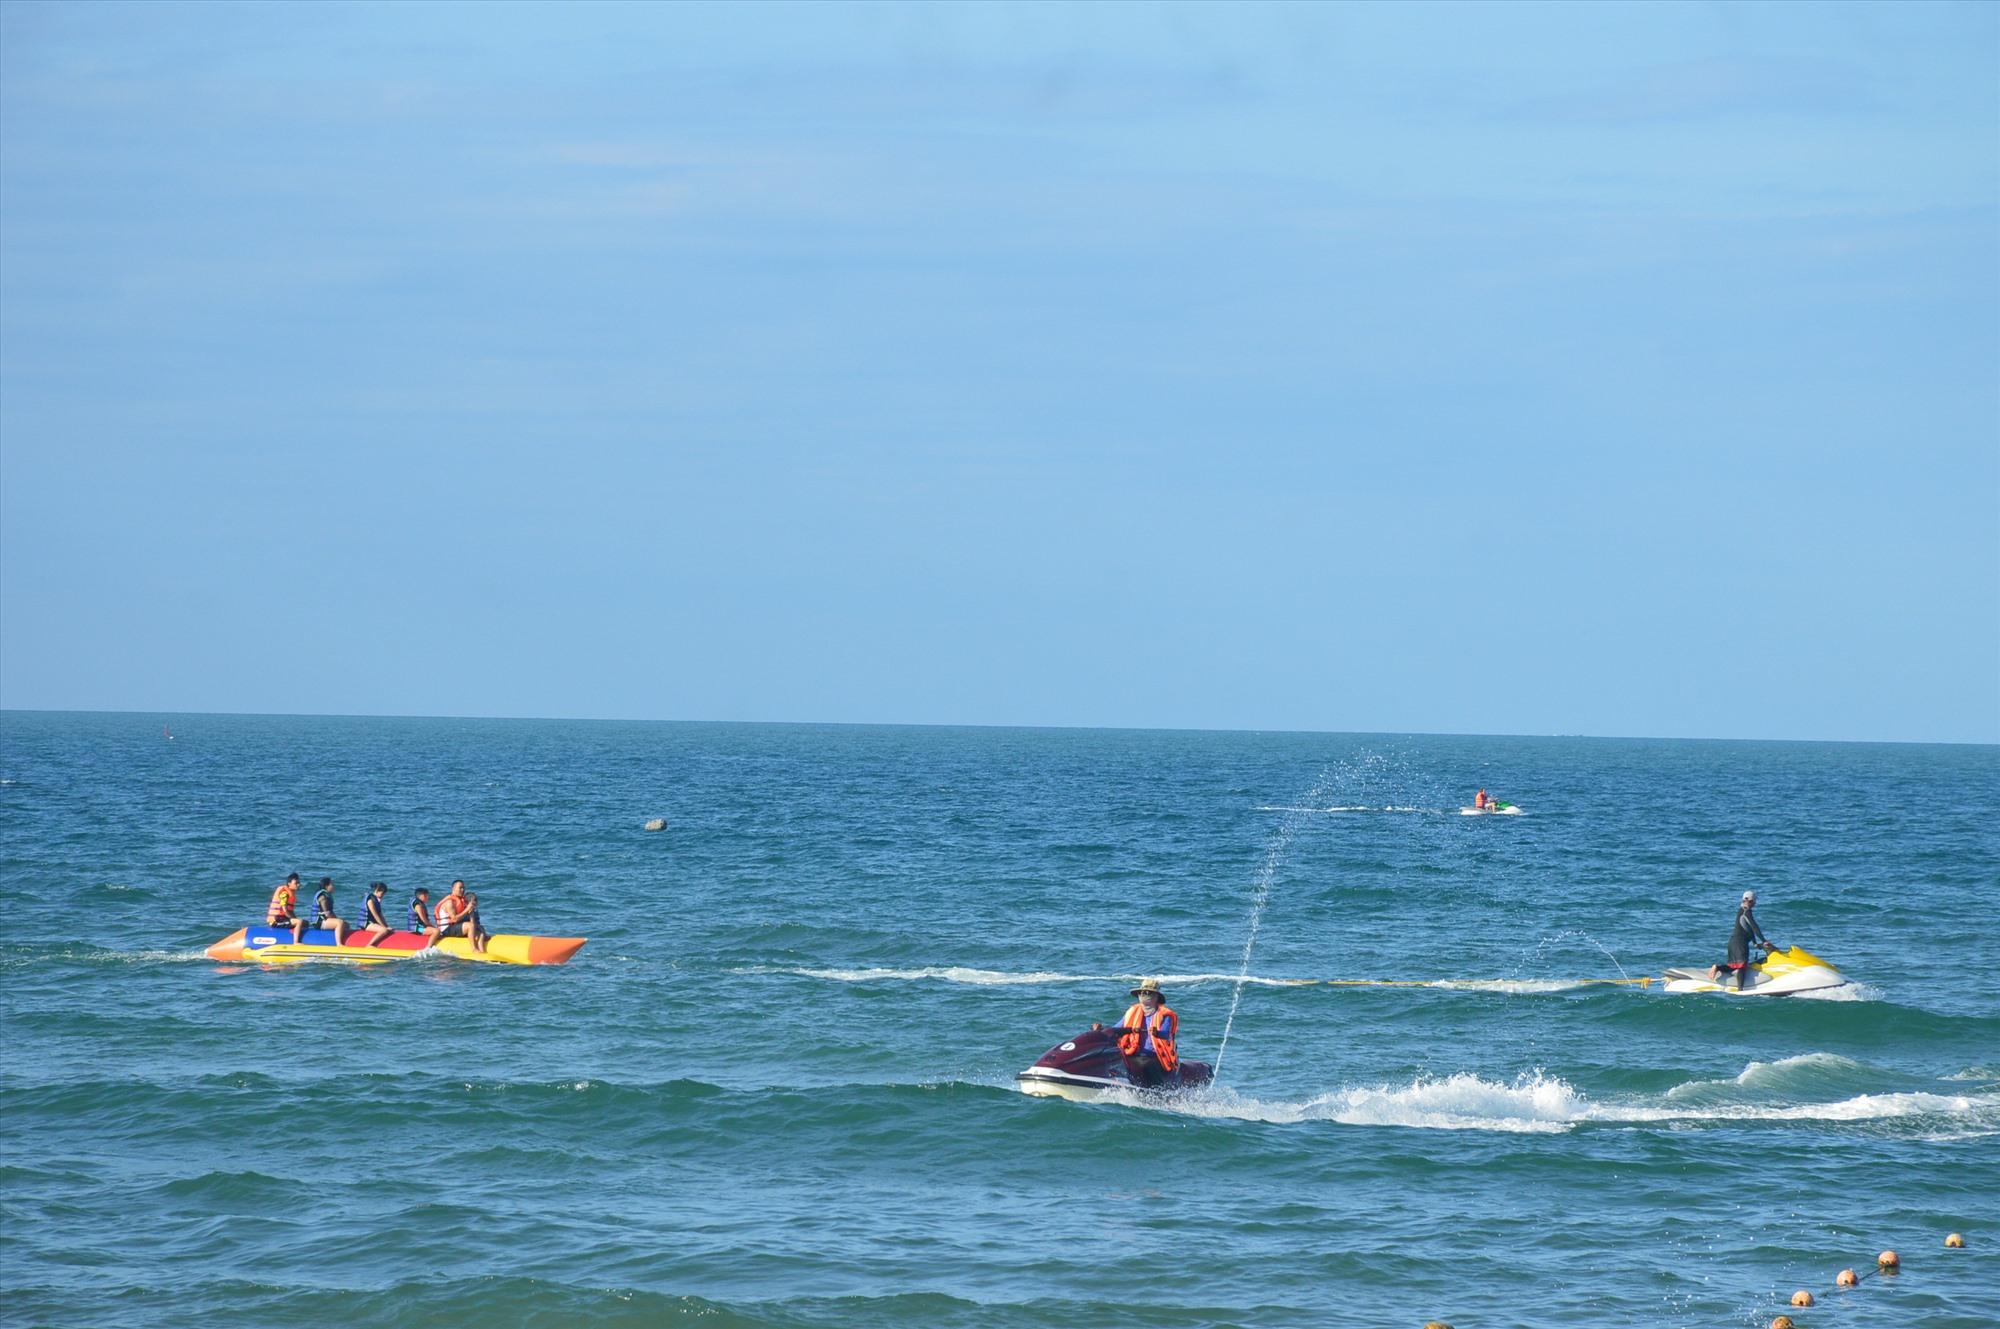 Cần tạo dựng, cải tiến thêm các sản phẩm du lịch biển để thu hút khách nội địa. Ảnh: Q.T